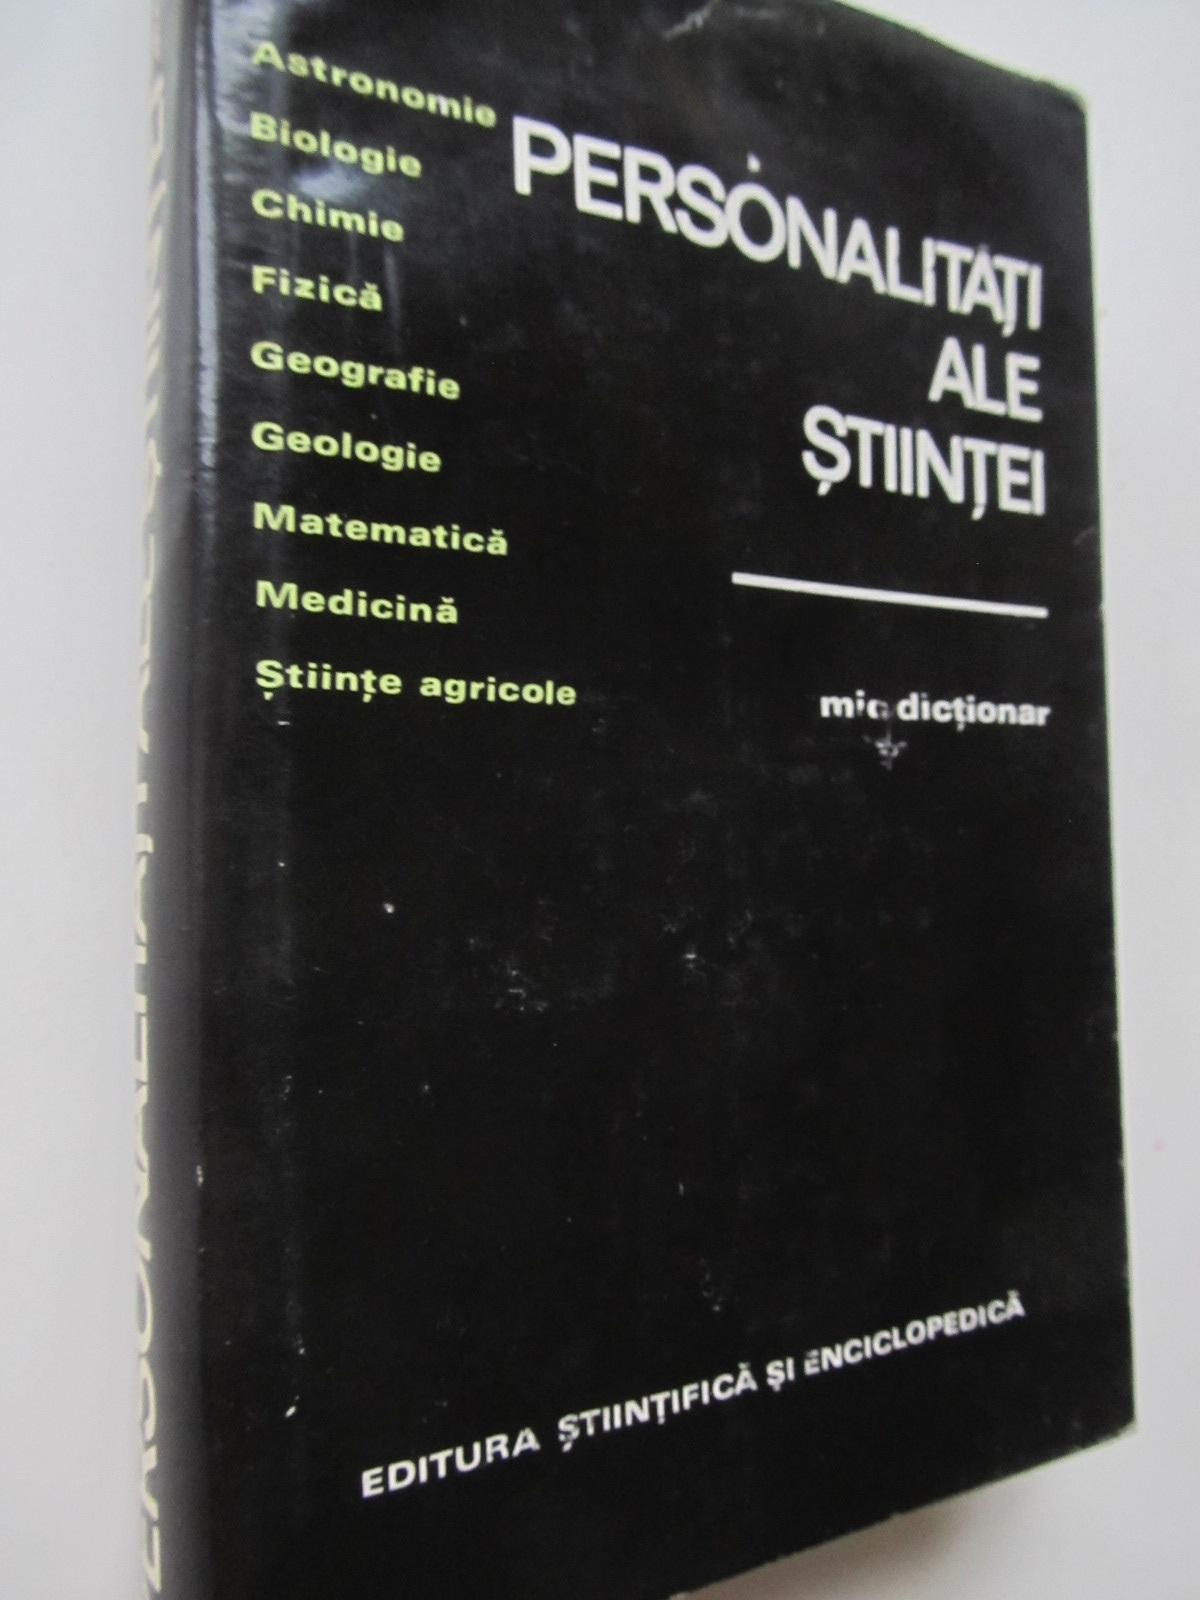 Personalitati ale stiintei - Mic dictionar - Gheorghe Bratescu , Victor Breahna , Chiriac Dumitru , ... | Detalii carte